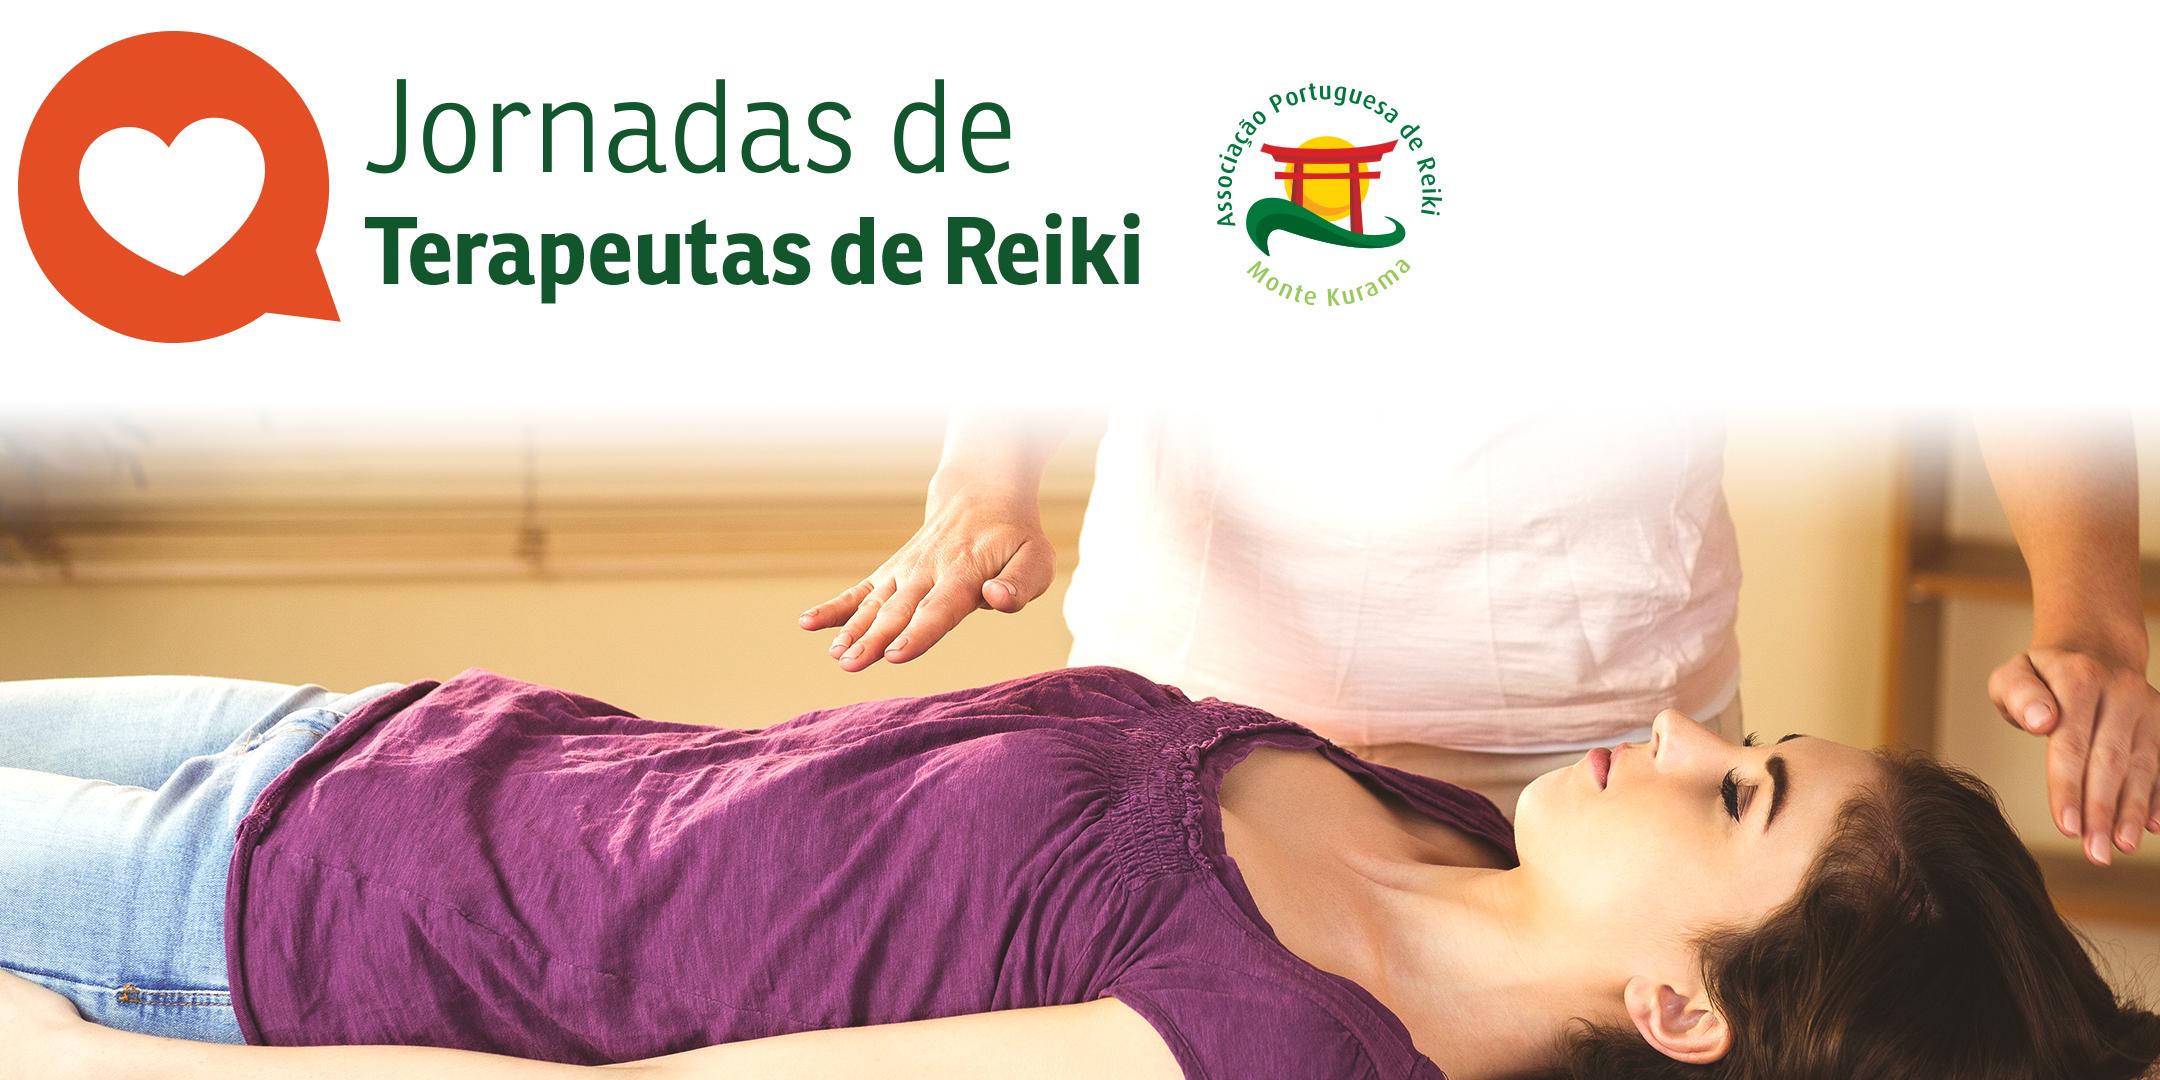 Jornadas de Terapeutas de Reiki no Fundão